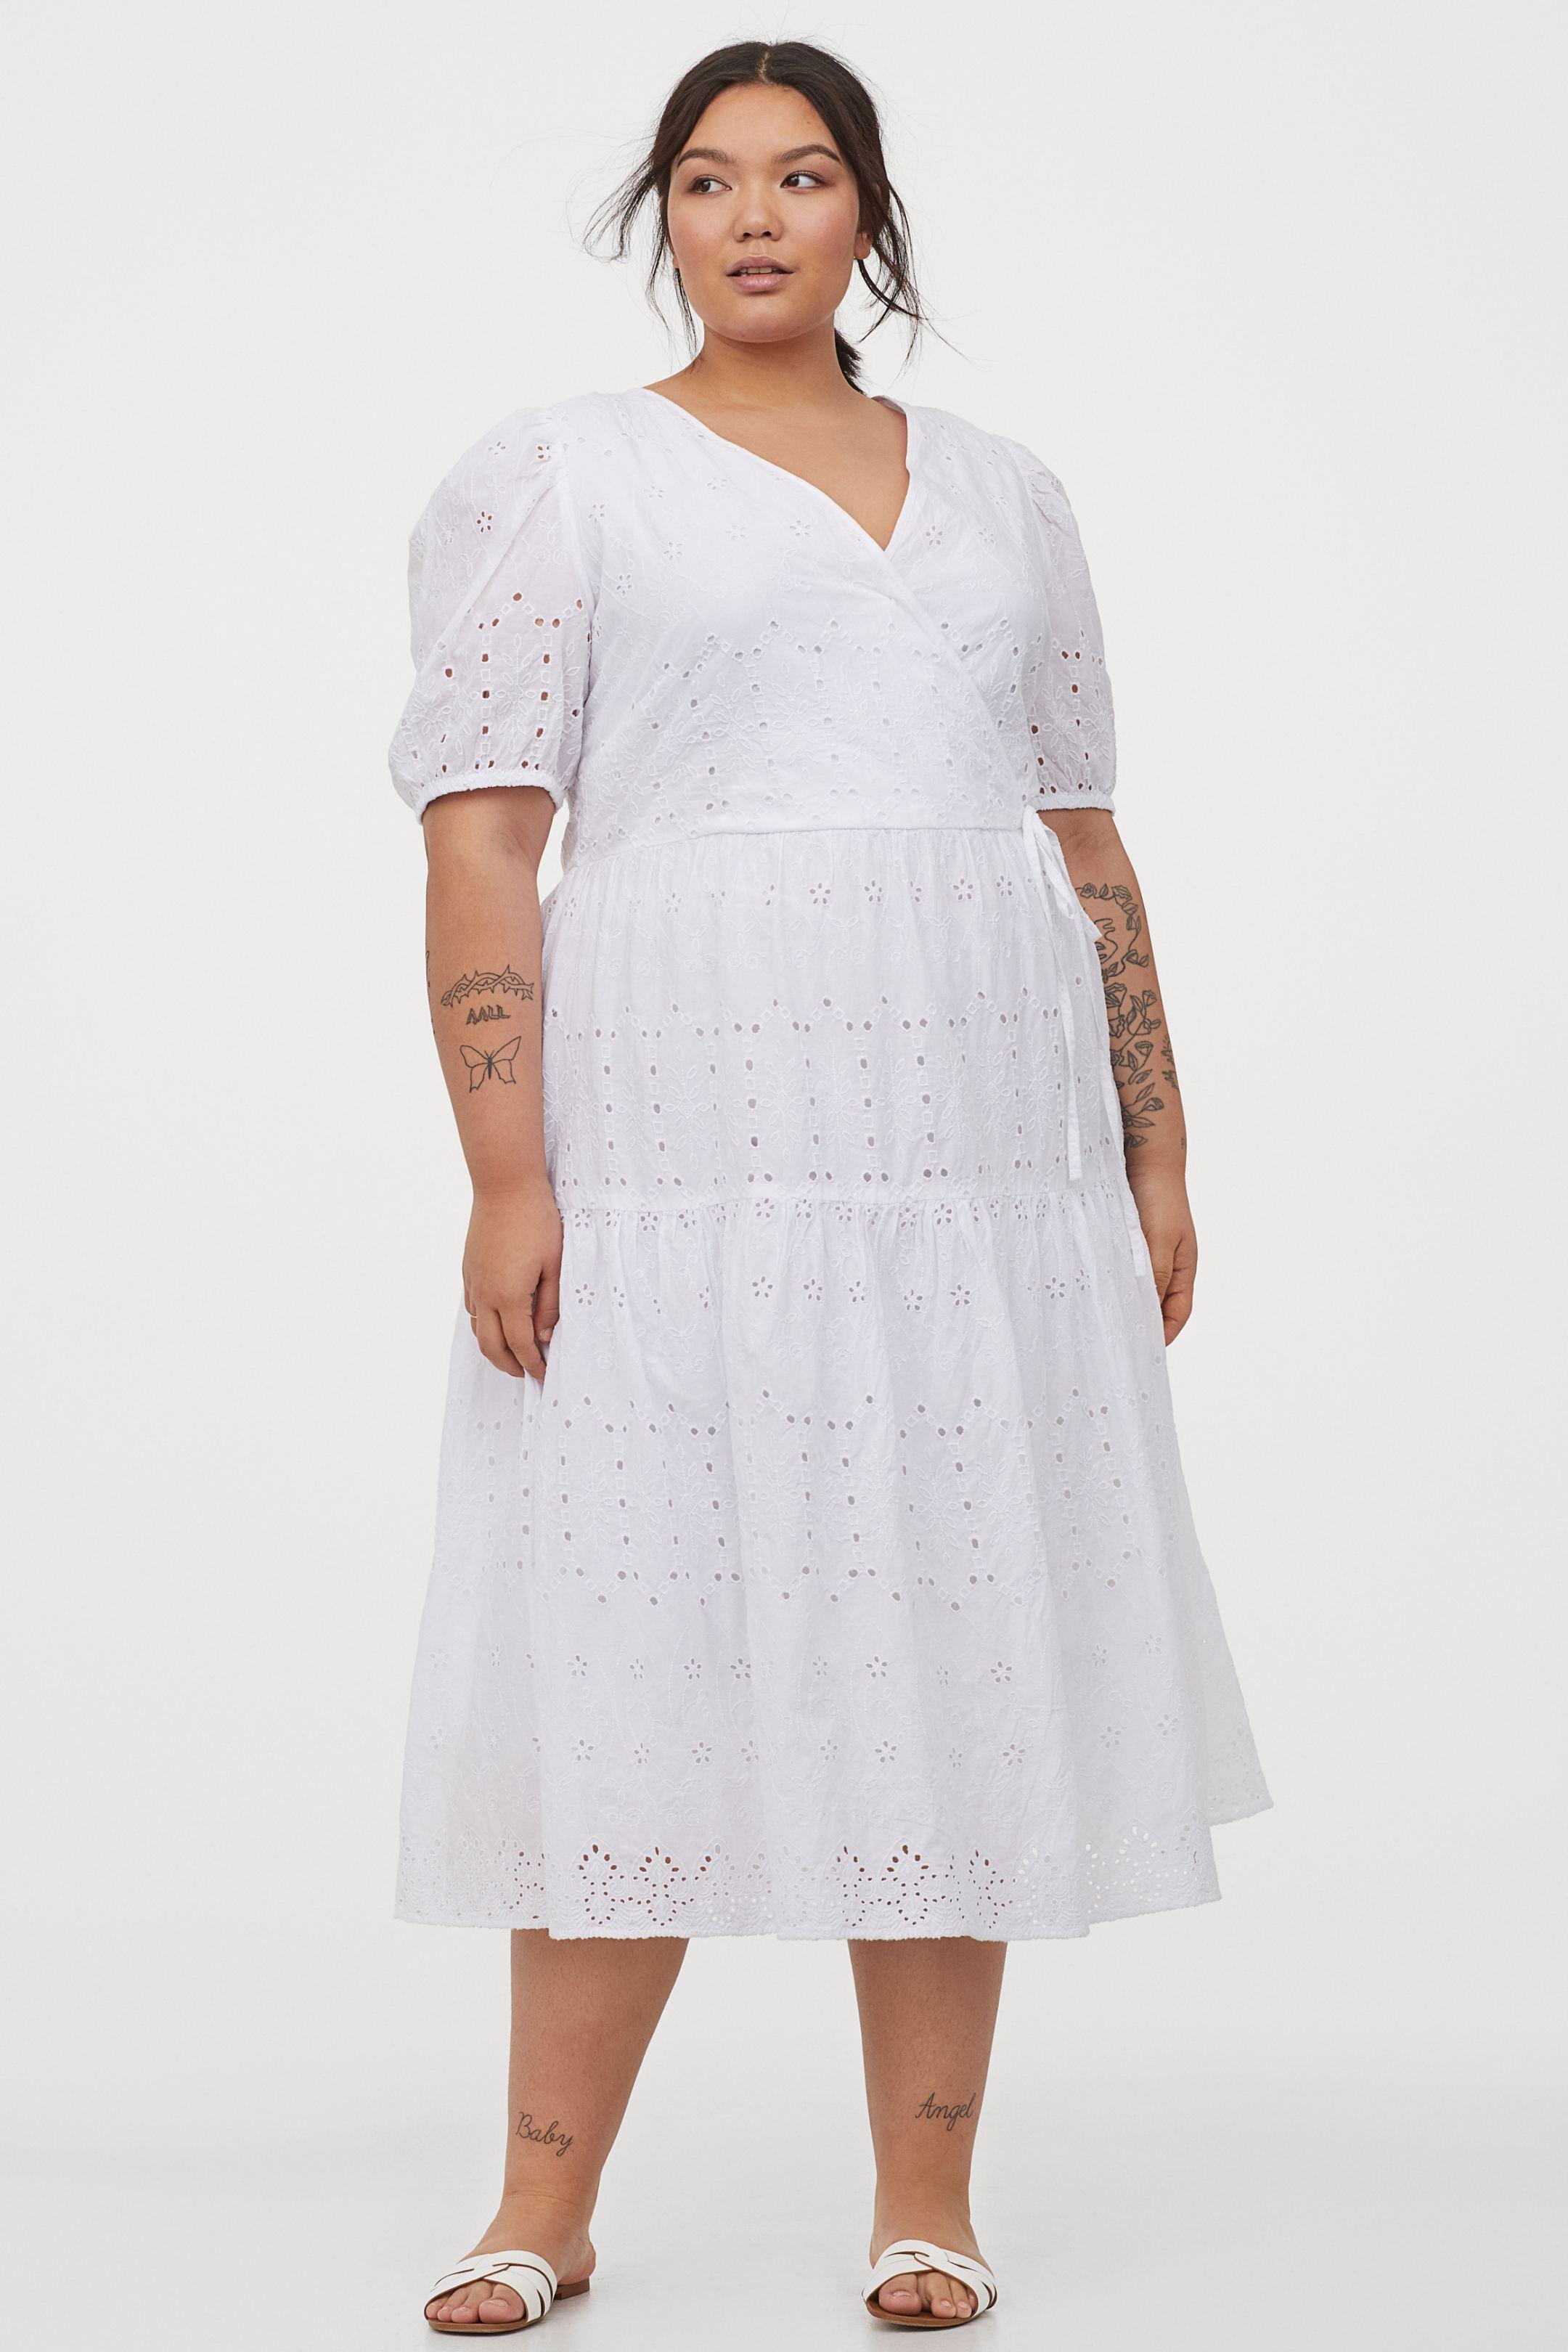 17.mai-kjoler 2